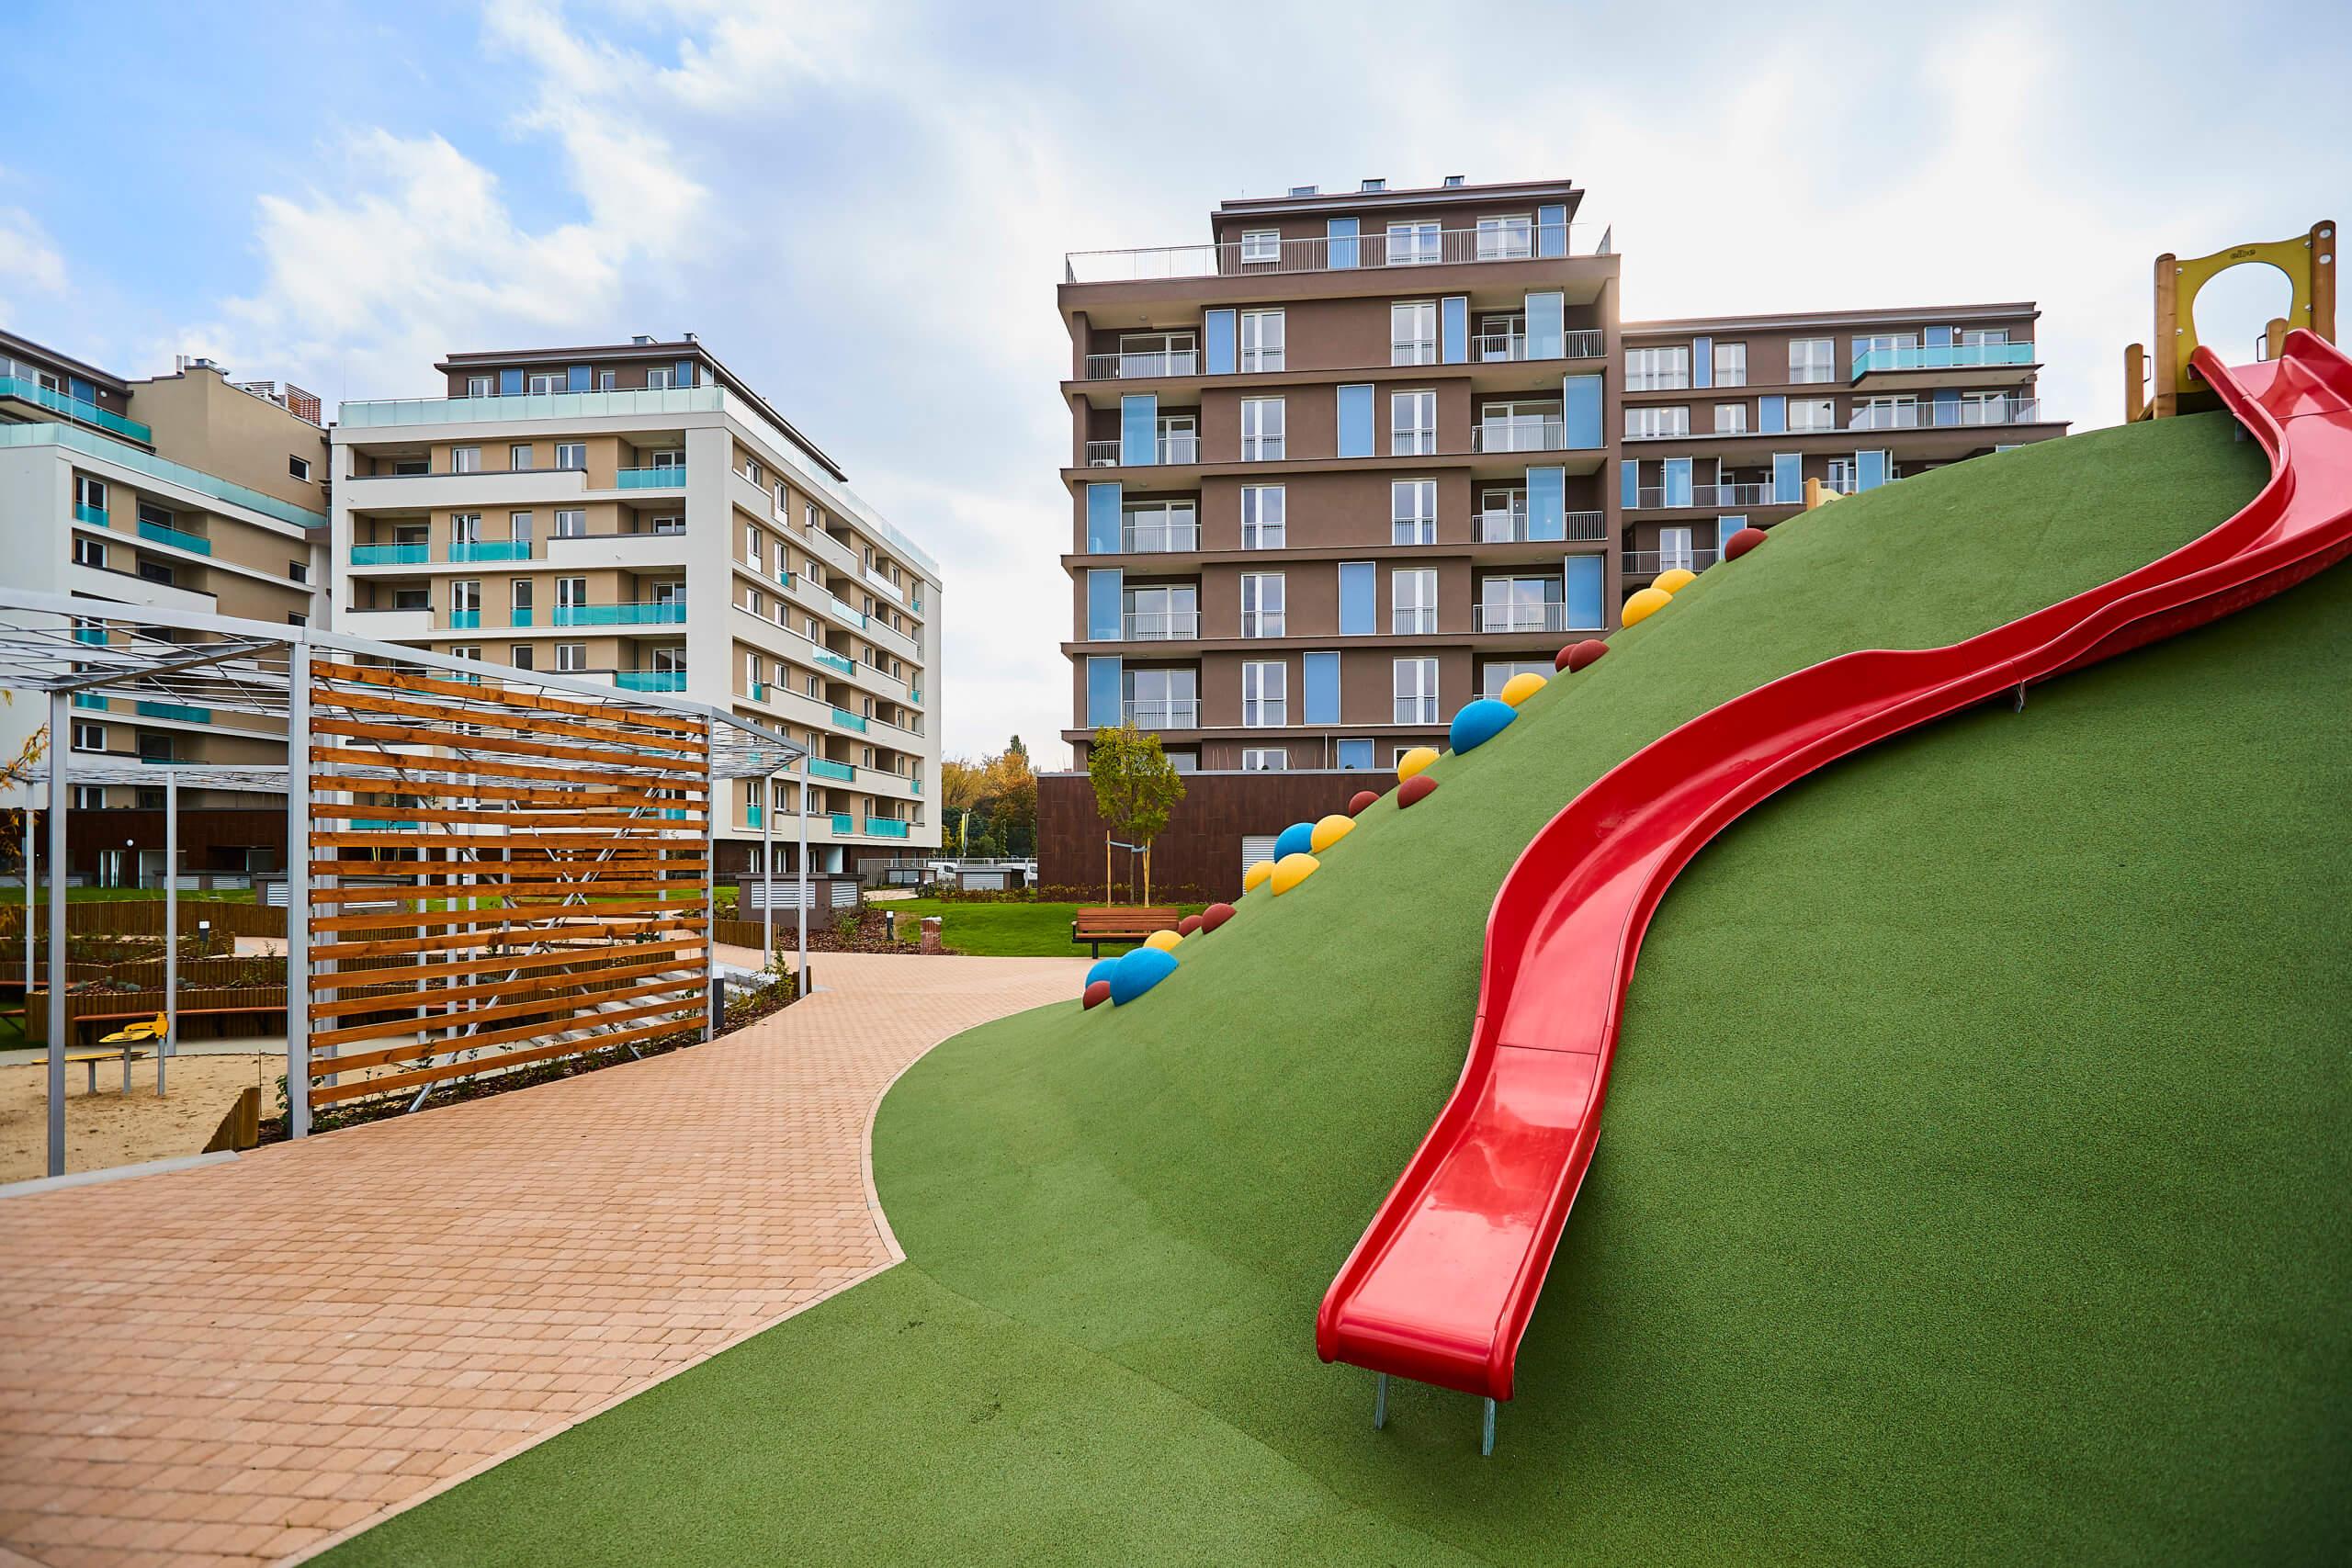 Azonnal költözhetőek a lakások Angyalföld családbarát lakóparkjában!